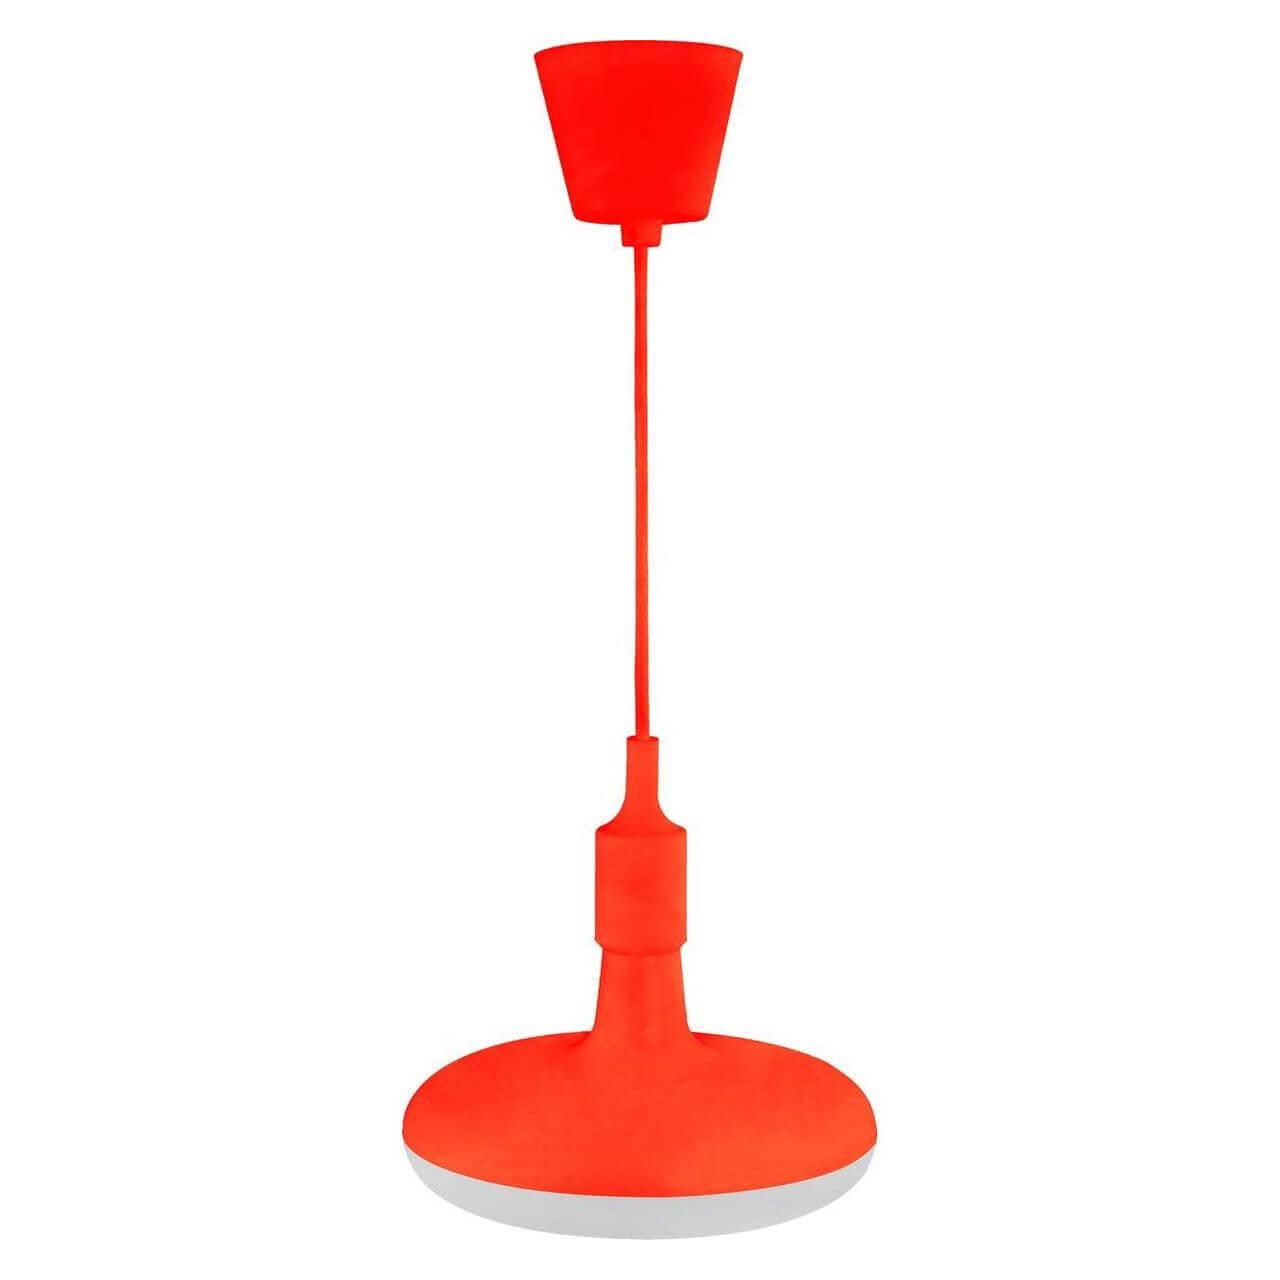 Подвесной светодиодный светильник Horoz Sembol красный 020-006-0012 подвесной светодиодный светильник horoz sembol желтый 020 006 0012